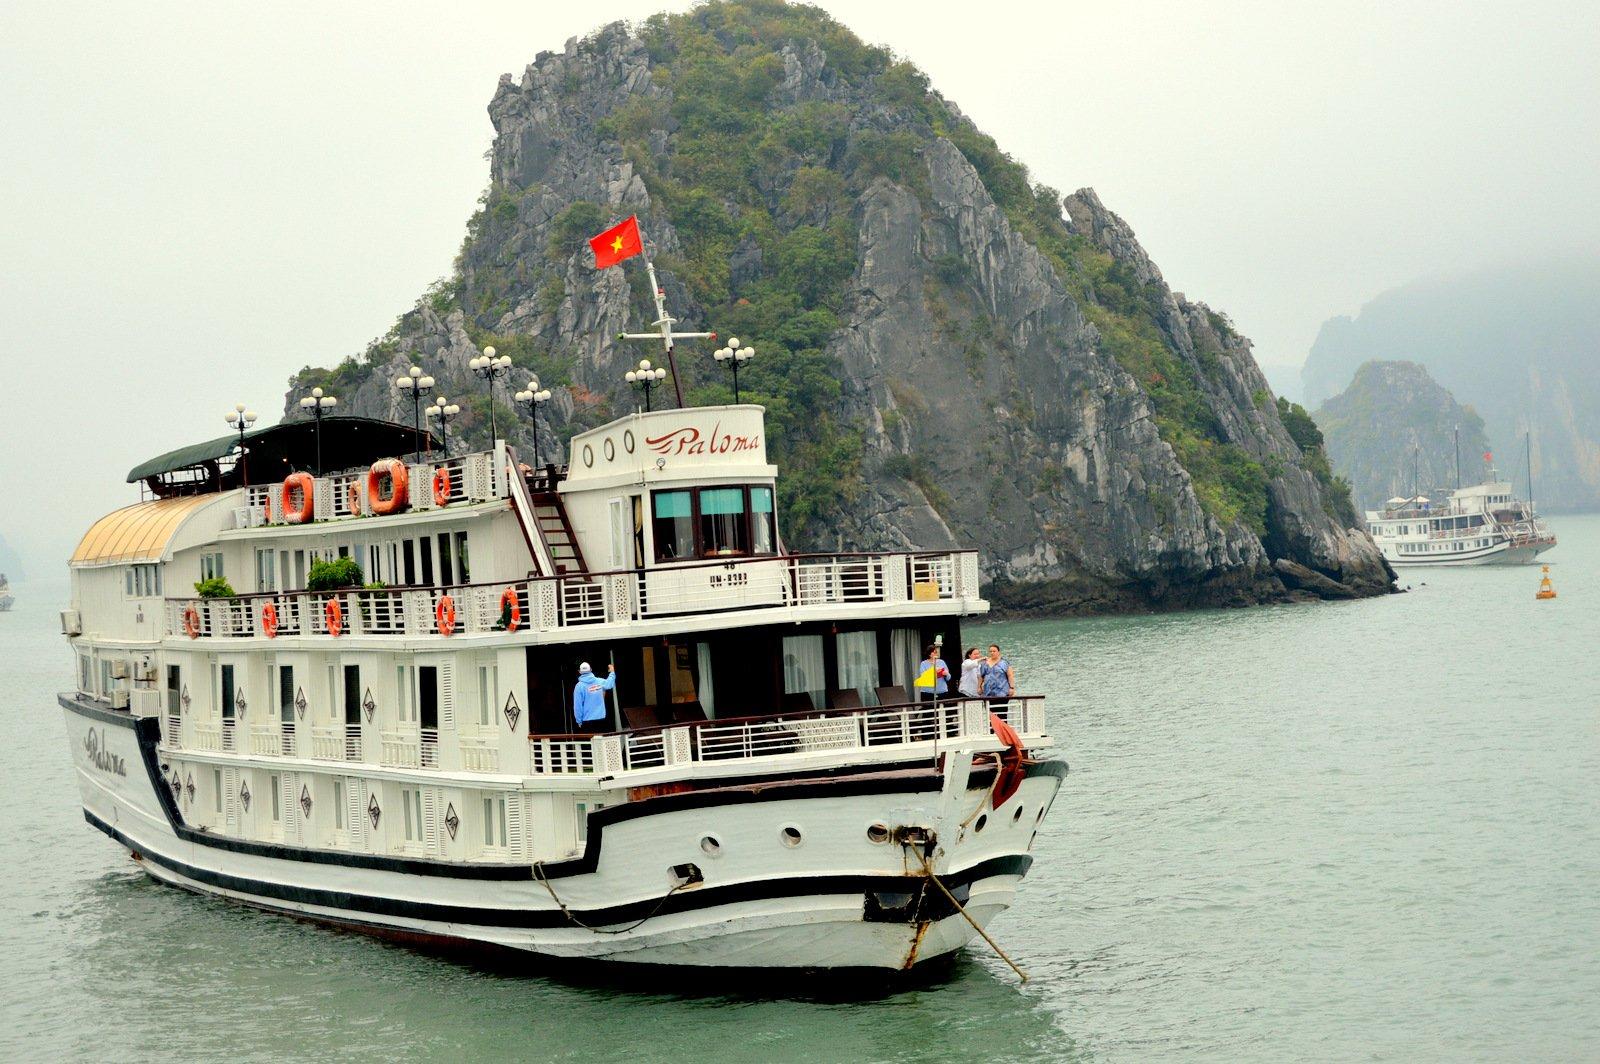 ВЬЕТНАМ, бухта Халонг. Яхта Garden Bay Cruise 4*, ужин-барбекю (продолжение)